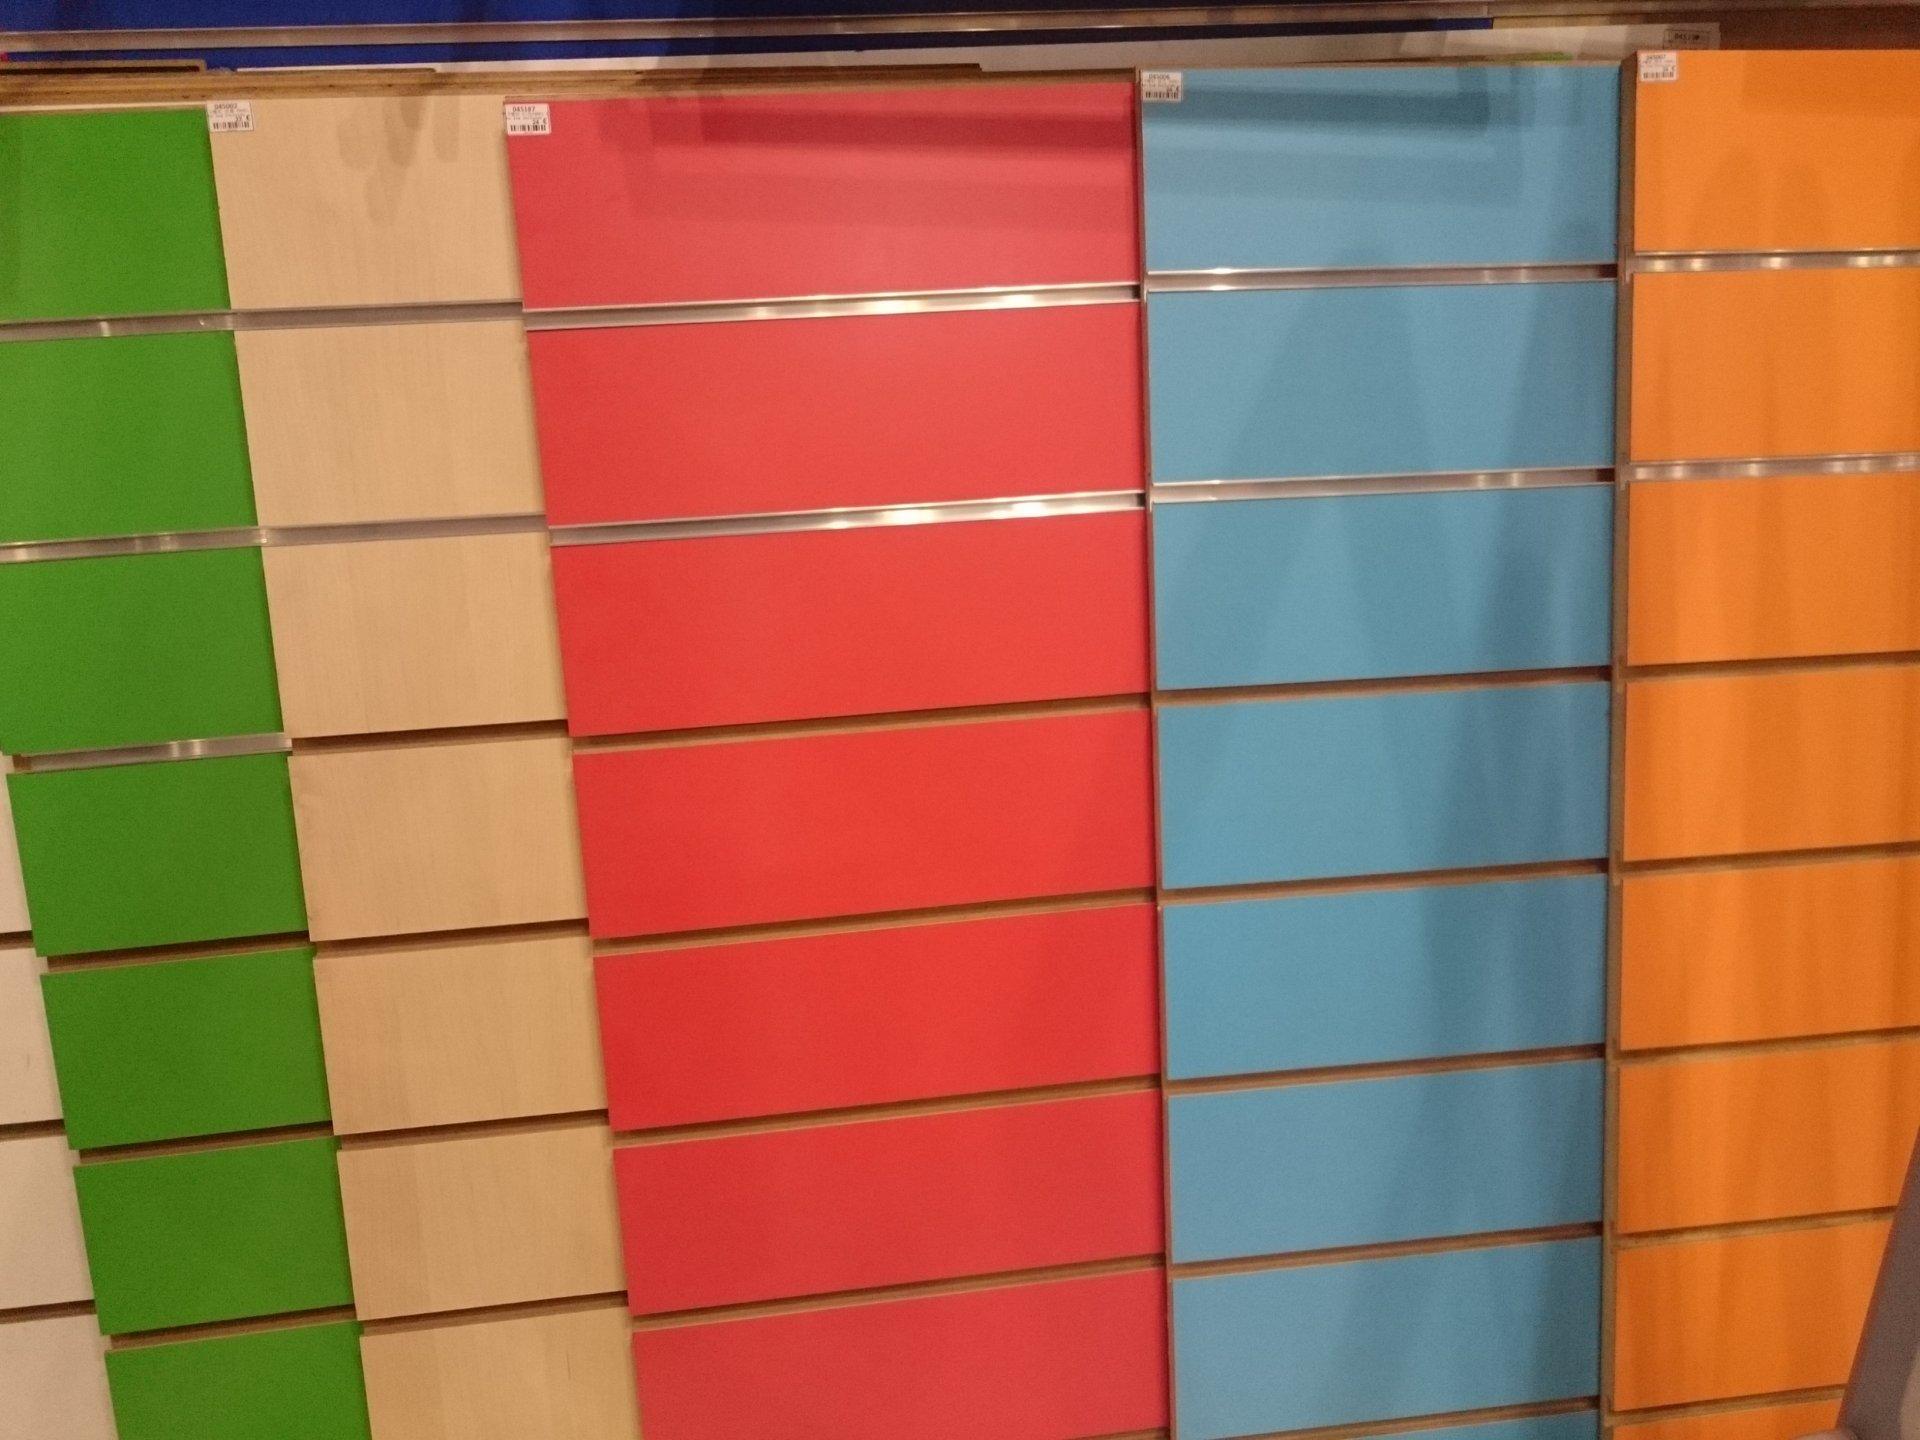 colores nuevos.JPG